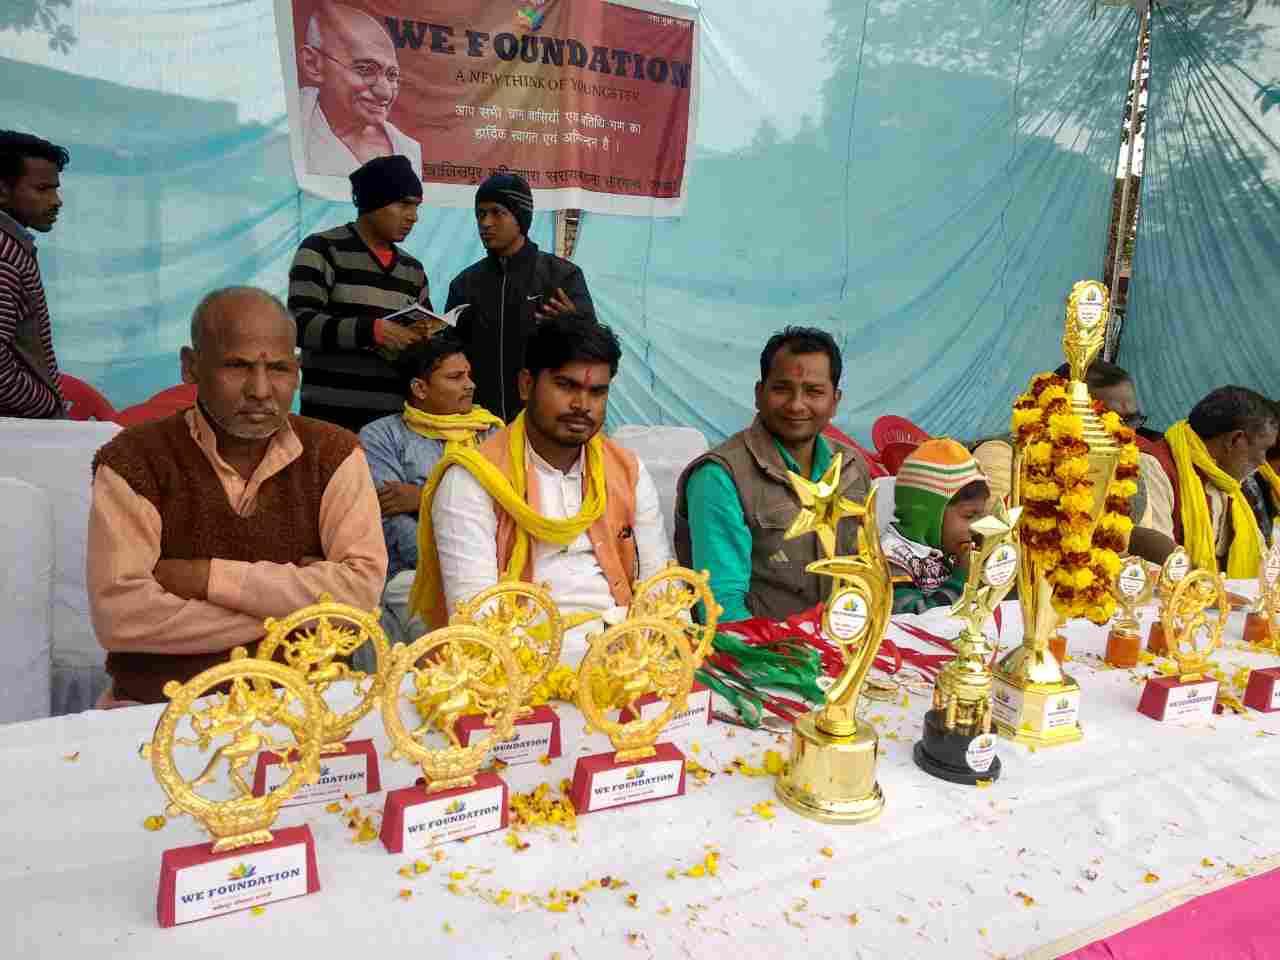 Siddharth%2BRajbhar%2Bcricket%2B3 सिद्धार्थ राजभर ने खालीसपुर में आयोजित क्रिकेट टूर्नामेंट का उद्घाटन किया।